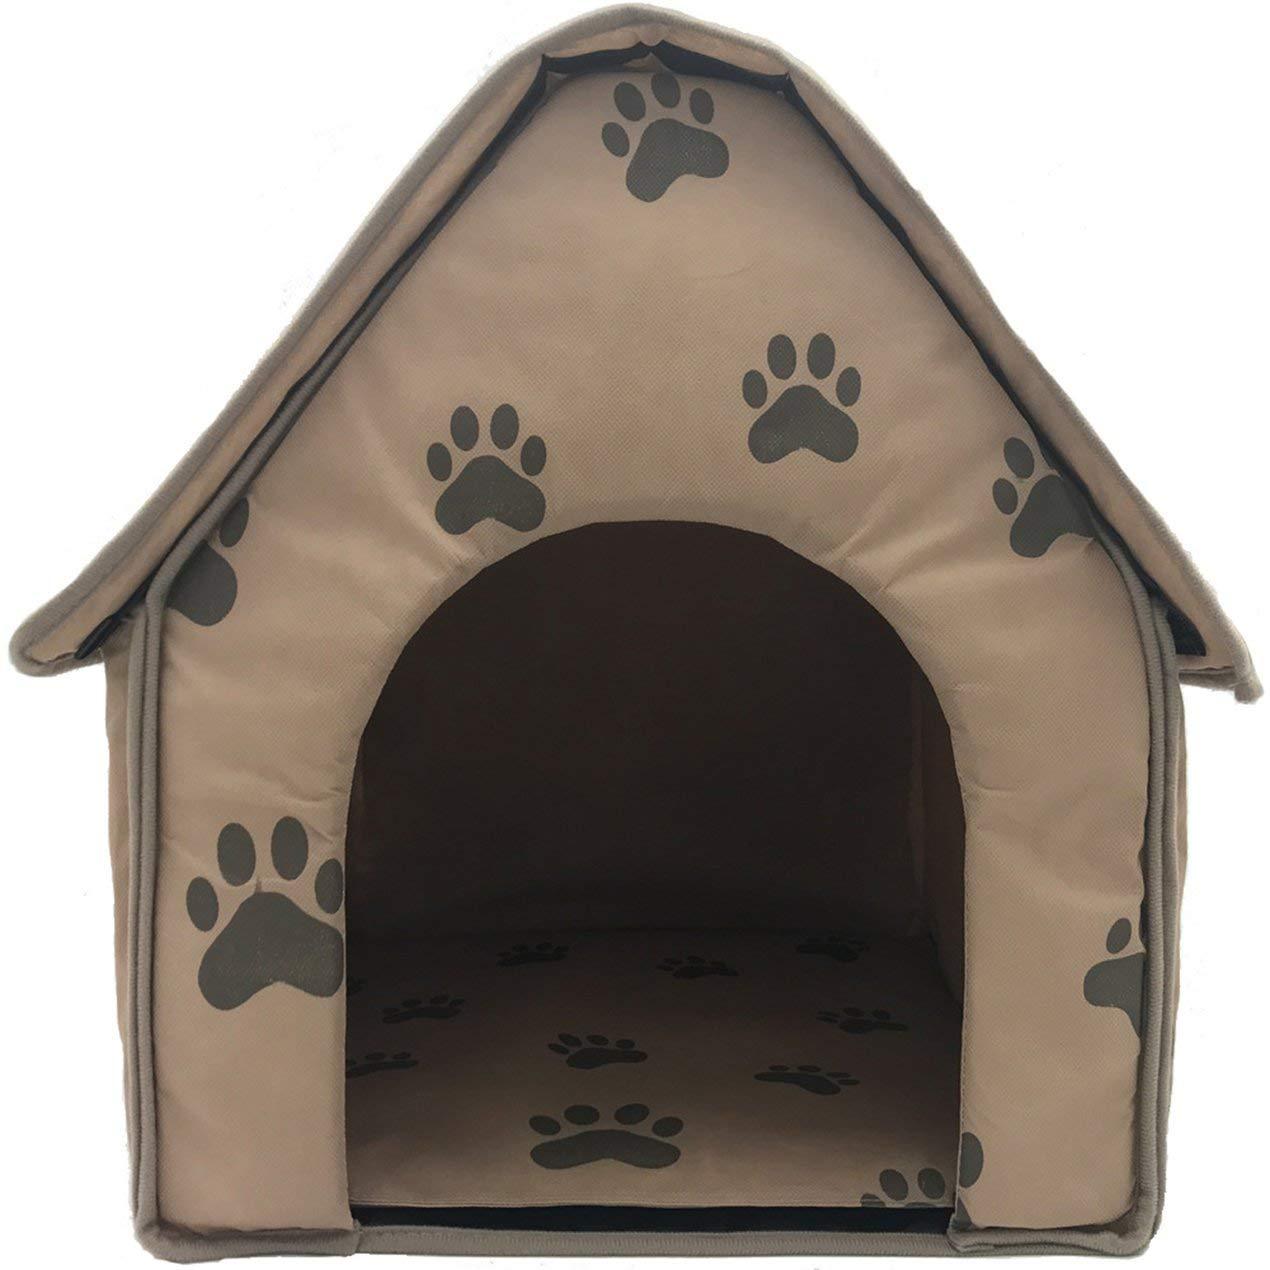 Dooret La Pata Linda casa de Perro pequeño Nido de impresión portátil Desmontable Plegable del Gato del Perro Dormir Nest House Lavable Suave para Mascotas